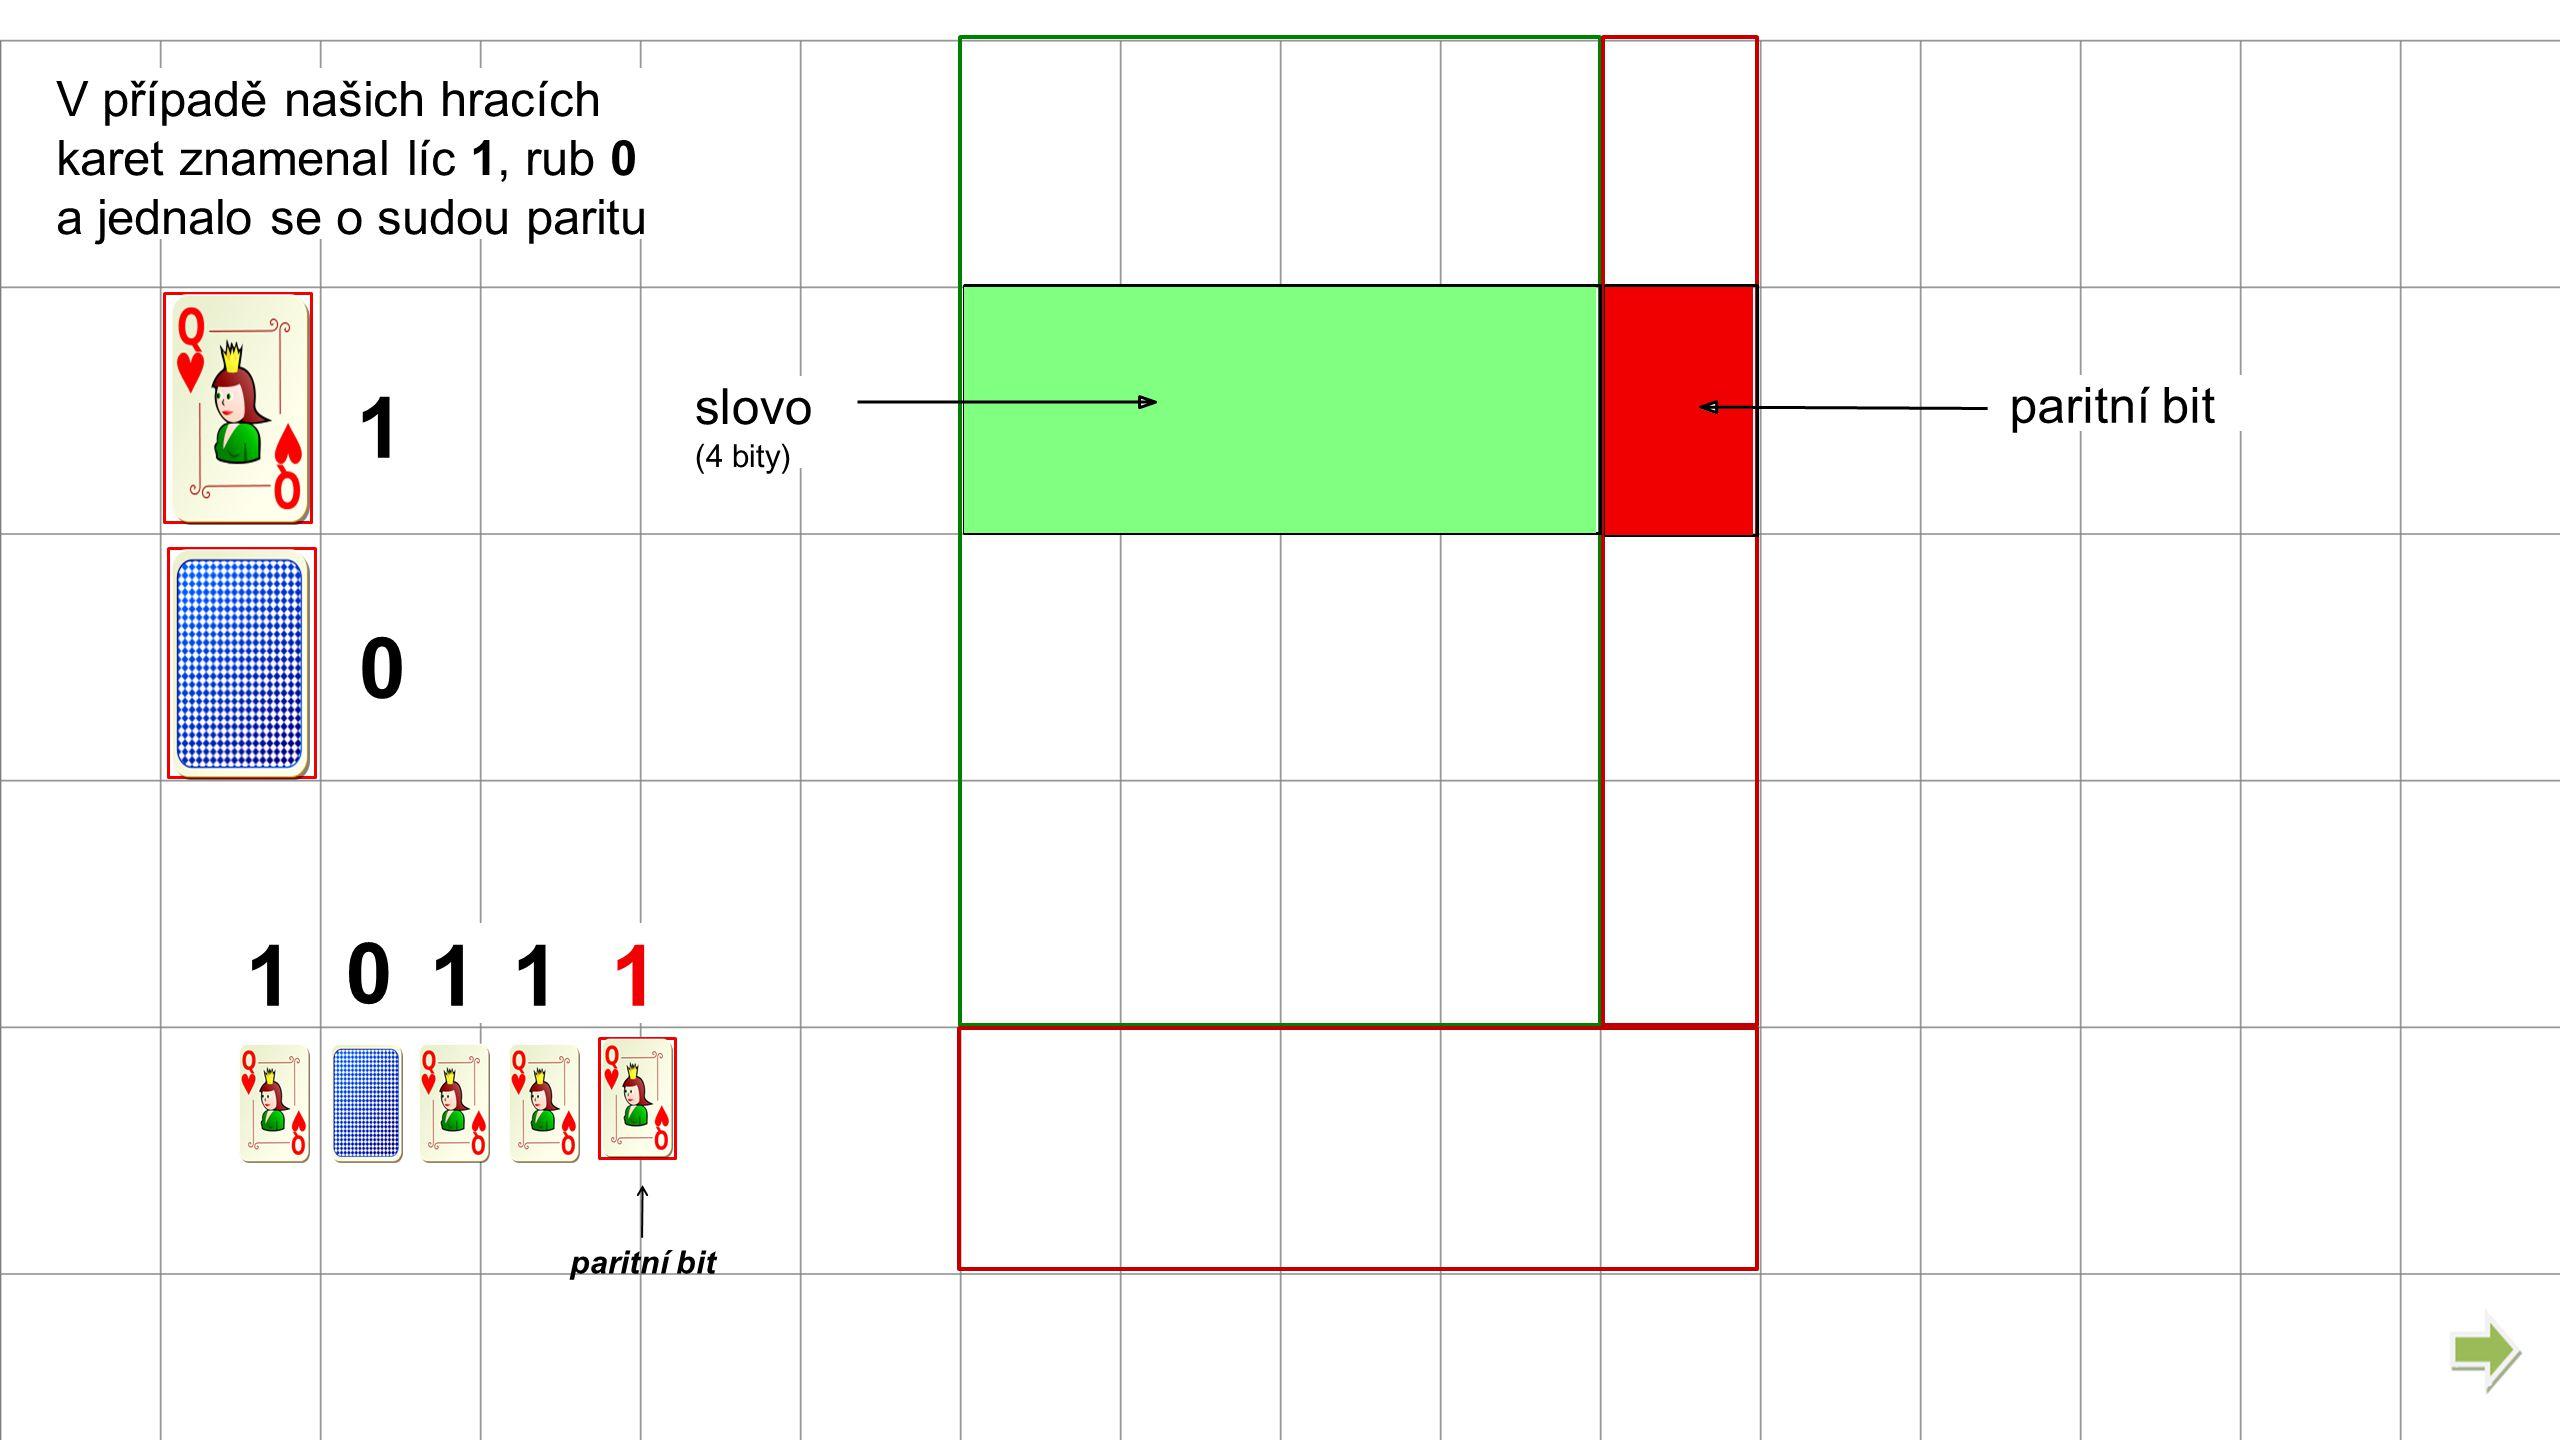 slovo (4 bity) paritní bit 1 0 V případě našich hracích karet znamenal líc 1, rub 0 a jednalo se o sudou paritu 1111 0 paritní bit